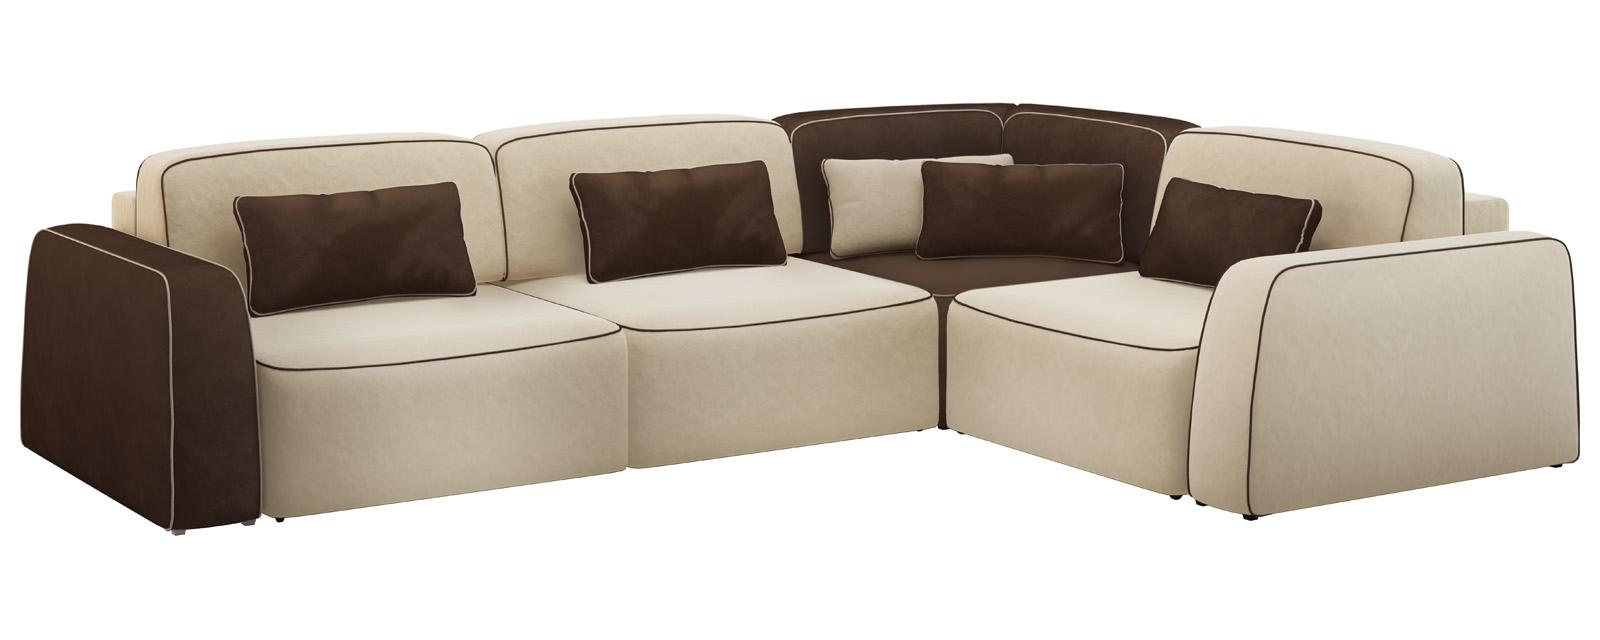 Модульный диван Портленд 350 см Вариант №2 Velure бежевый/темно-коричневый (Велюр)